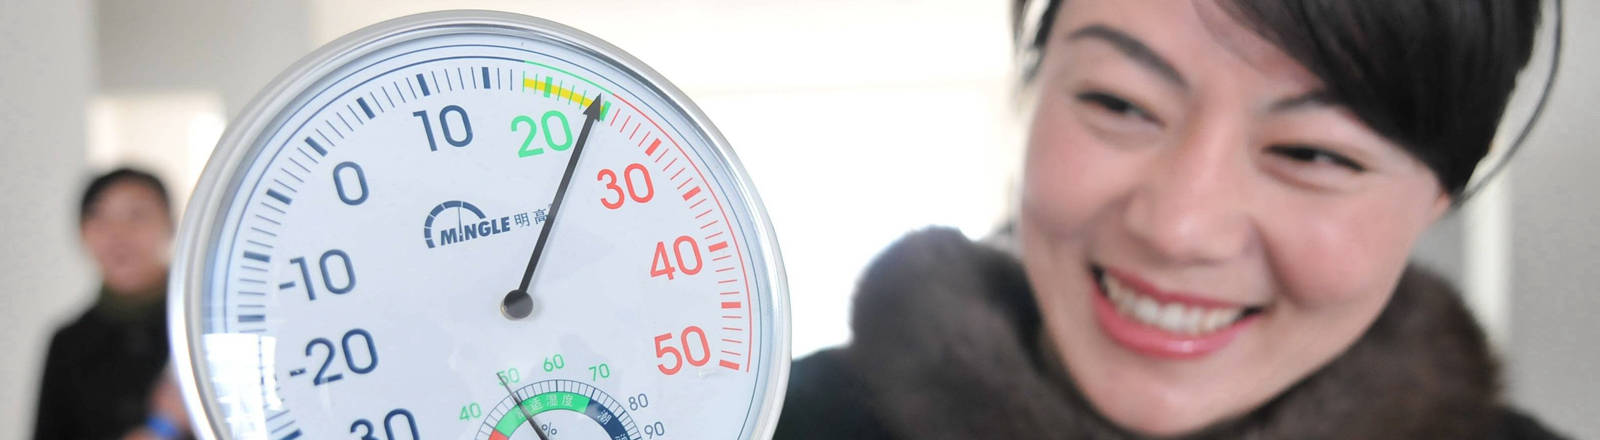 Frau mit Thermometer in der Hand